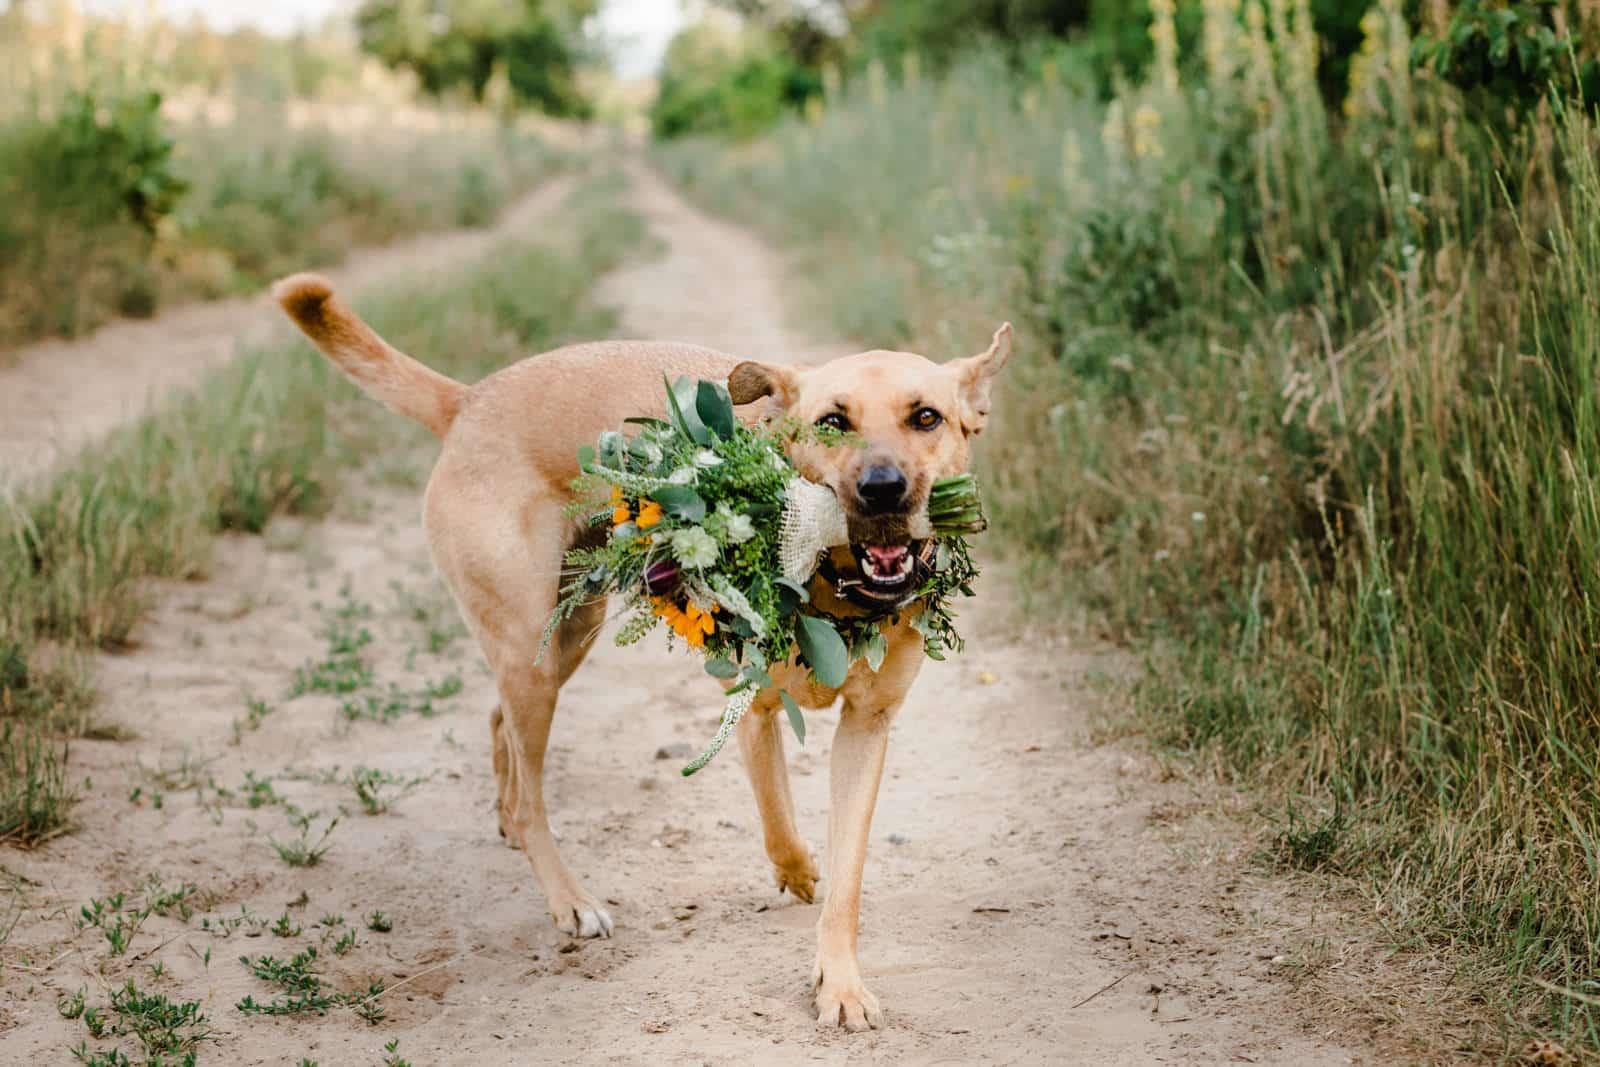 Ein Hund hat einen Blumenstrauß im Maul und läuft damit auf die Kamera auf einem sandigen Weg entlang.